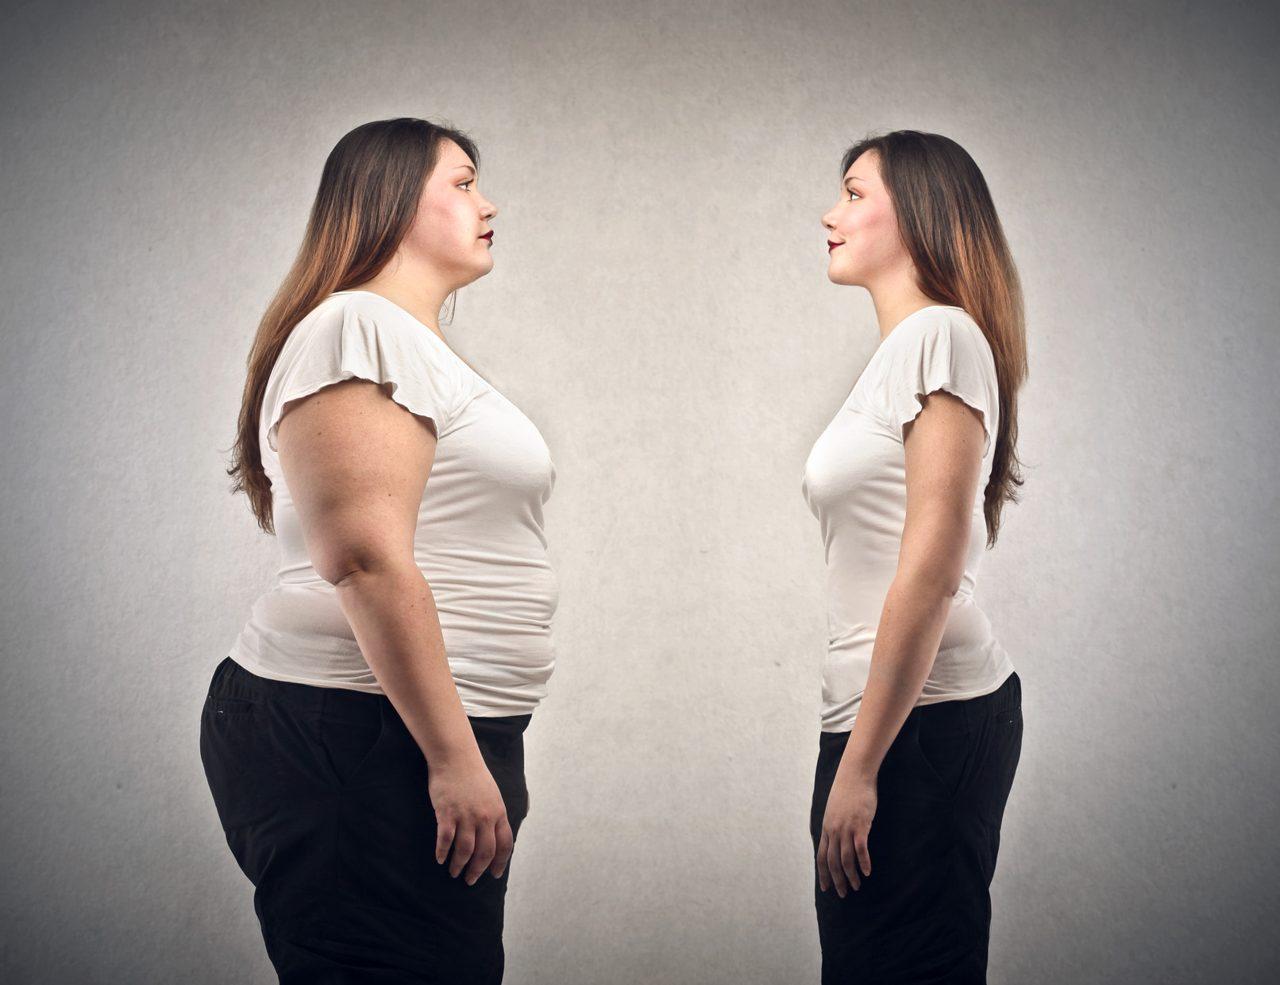 Científicos hallaron un nuevo método que permitirá ser delgado sin ejercicios, ni abstinencia alimenticia